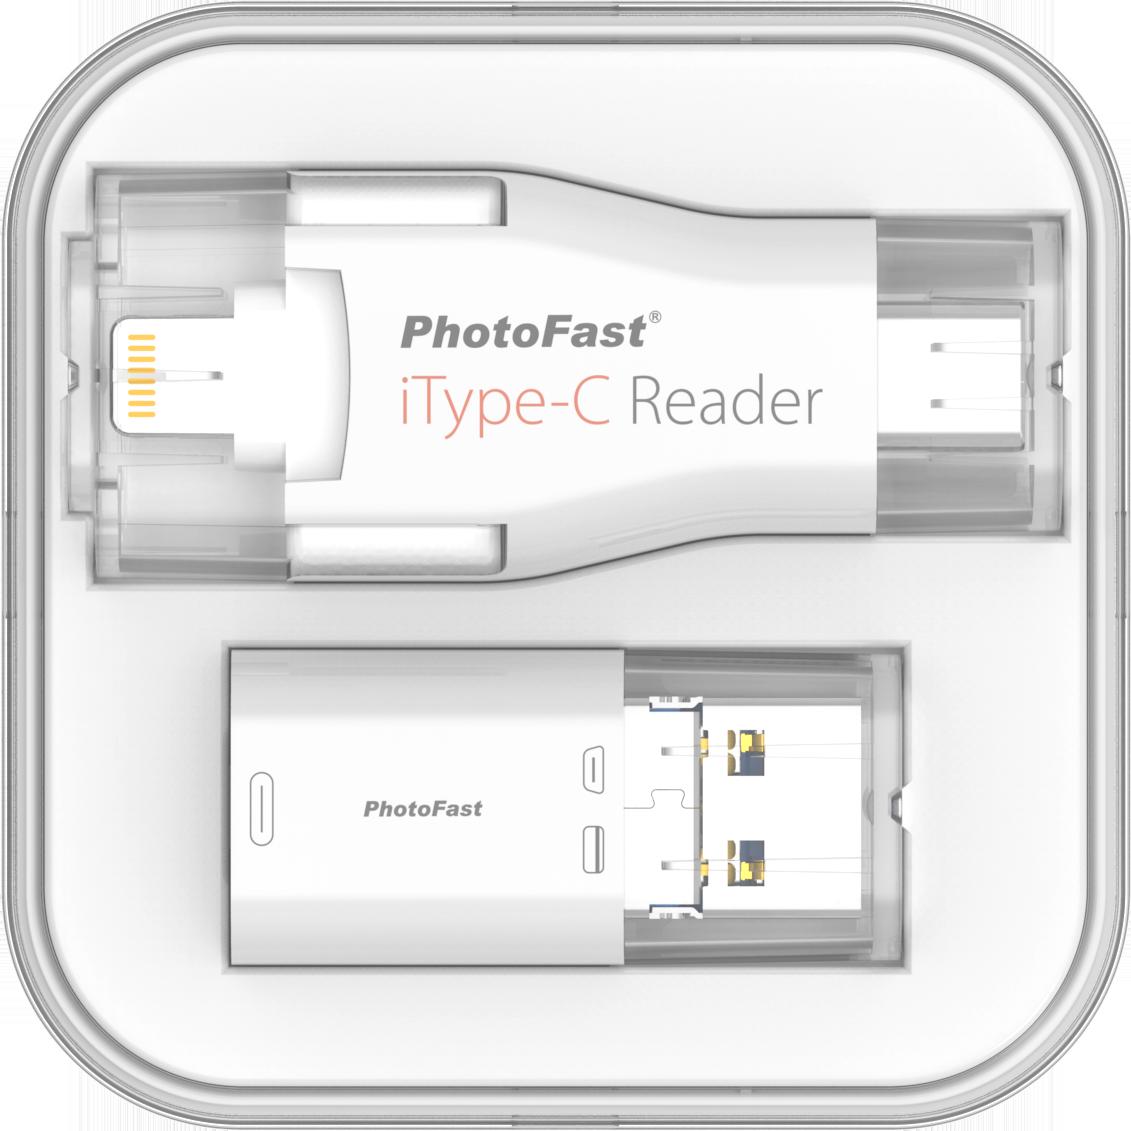 iType-C Reader: l'evoluzione della prima chiavetta universale  4-in-1, dotata di connettore Lightning, USB-C, USB 3.1 Gen1 e Micro USB